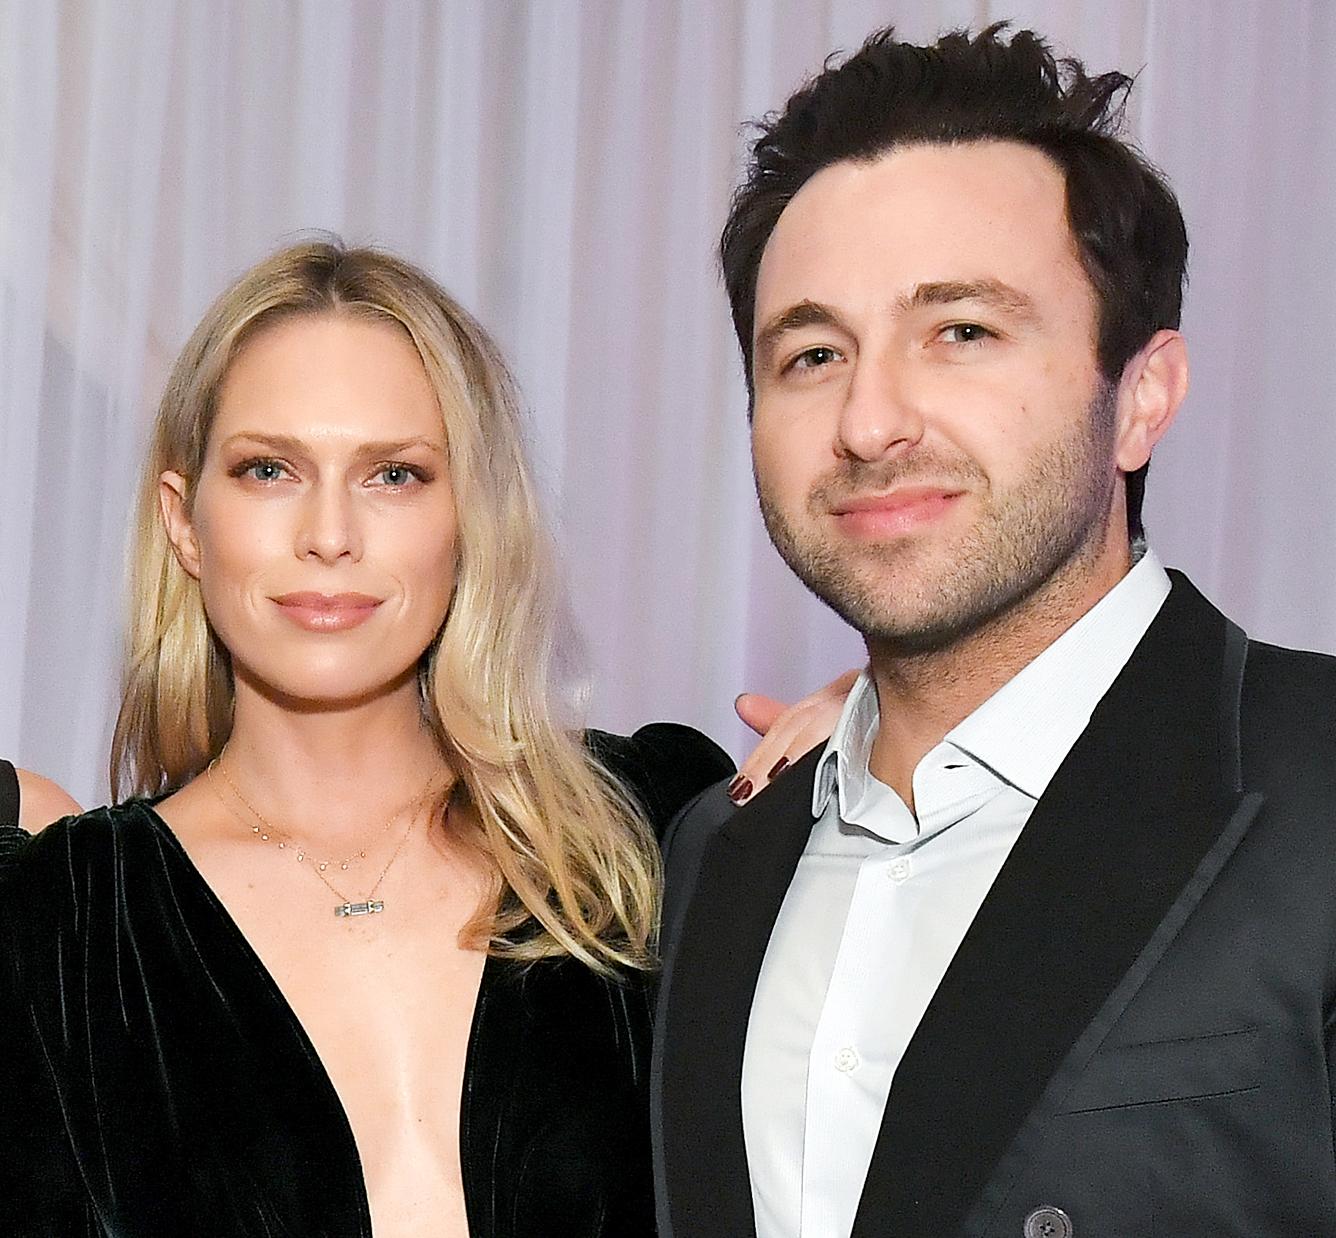 Erin-Foster-engaged-to-Simon-Tikhman